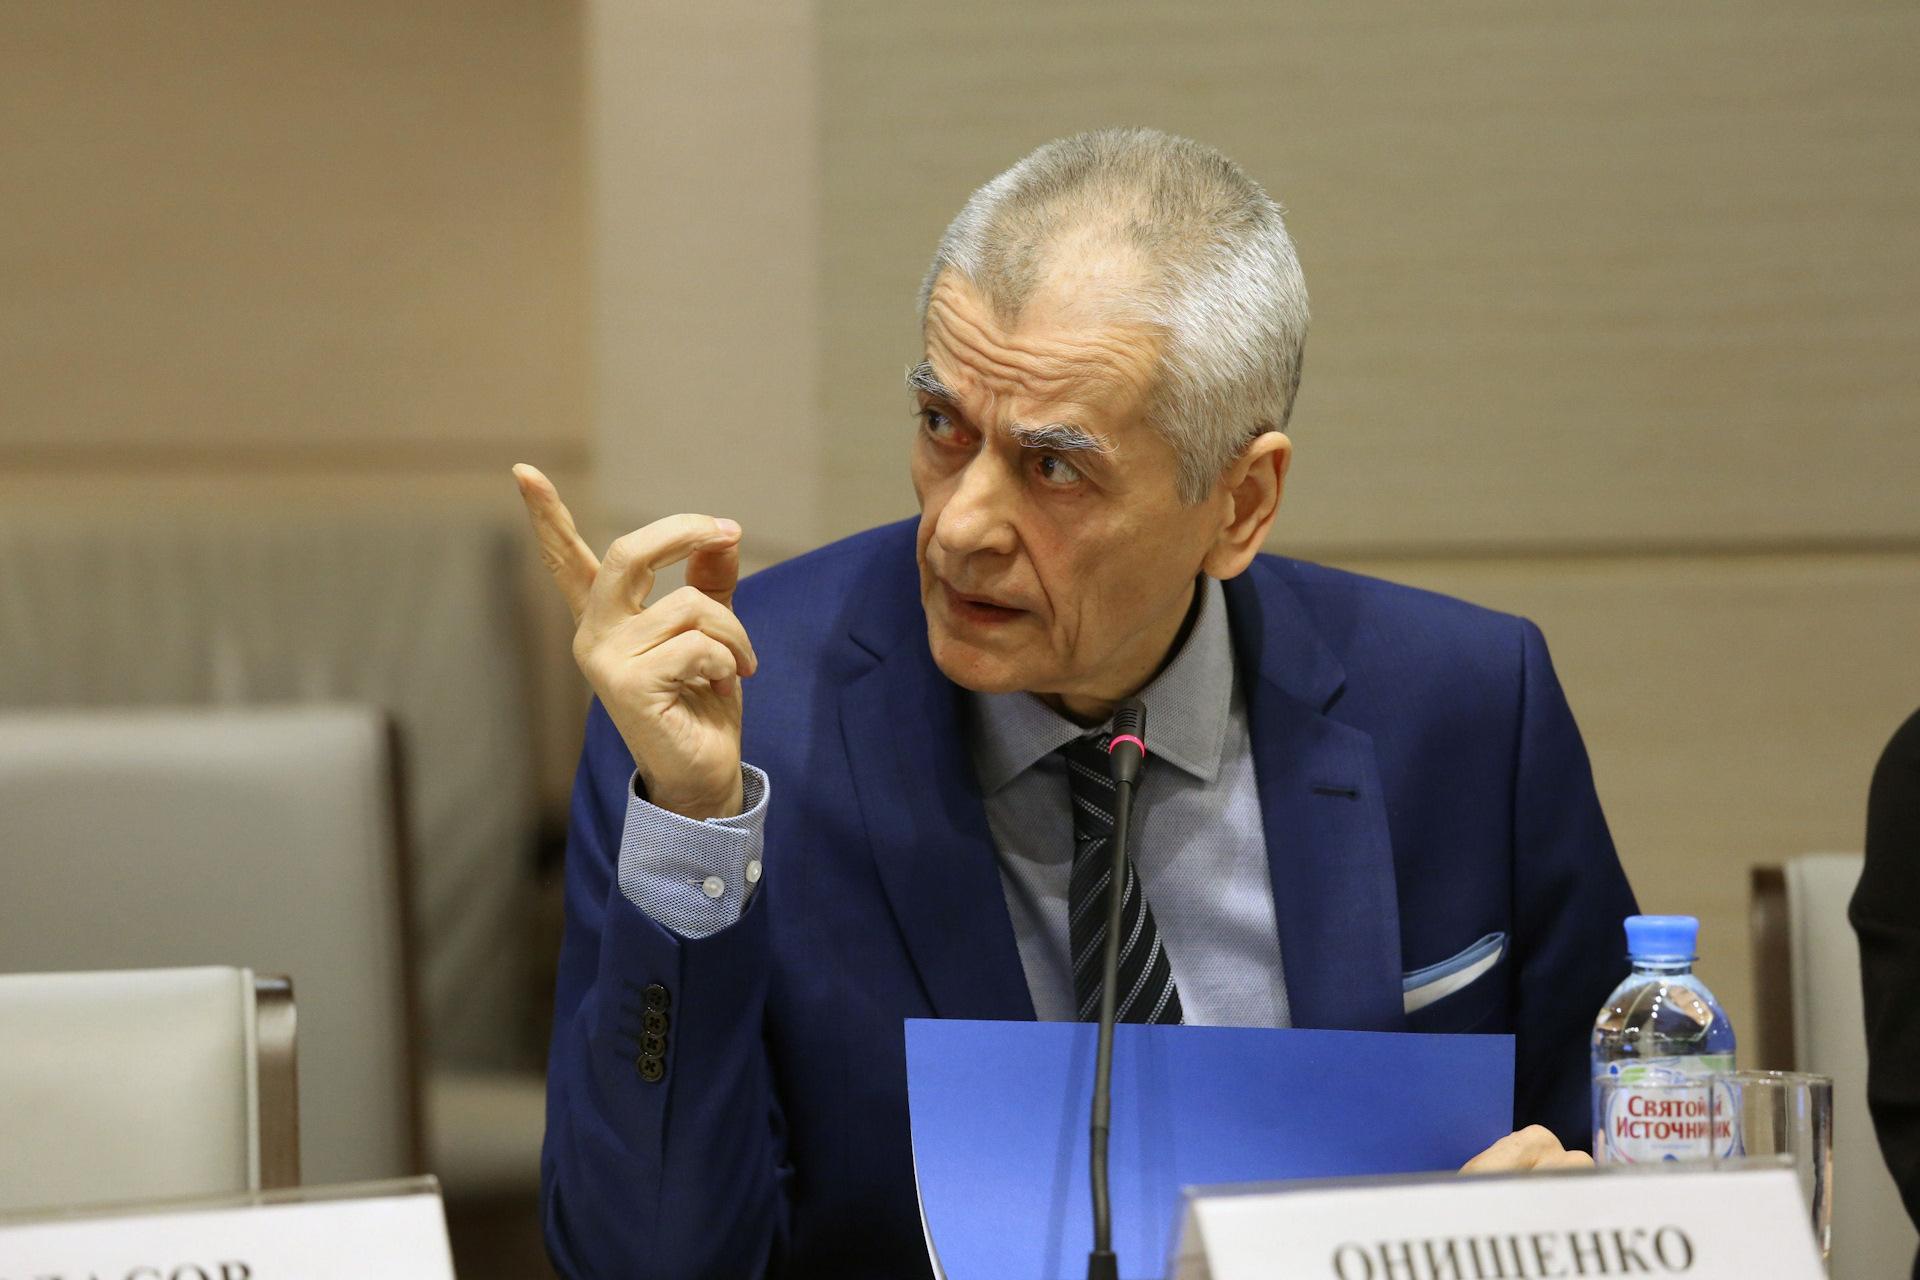 Онищенко: Гражданам старше 60 лет нужно привиться от коронавируса или соблюдать домашний режим